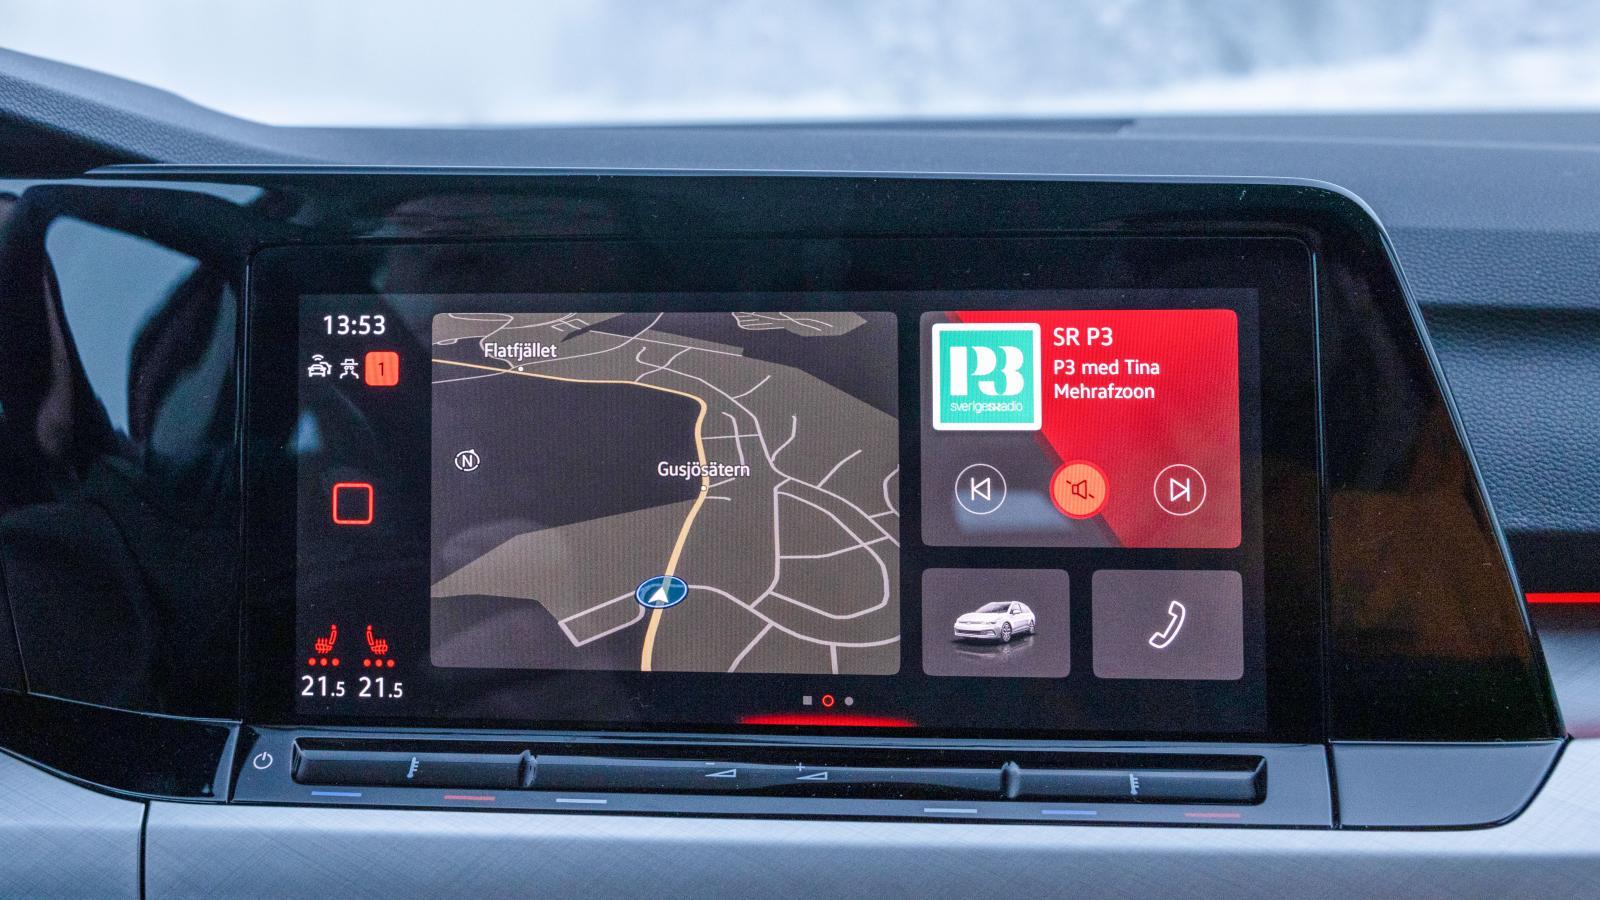 VW: Elegant integrerad skärm med bättre logik i undermenyerna än hos Seat. Krispig och lättavläst upplösning. Välj färgtema efter tycke och smak. Testbilen har Discover-versionen med navigator för 9500 kr.